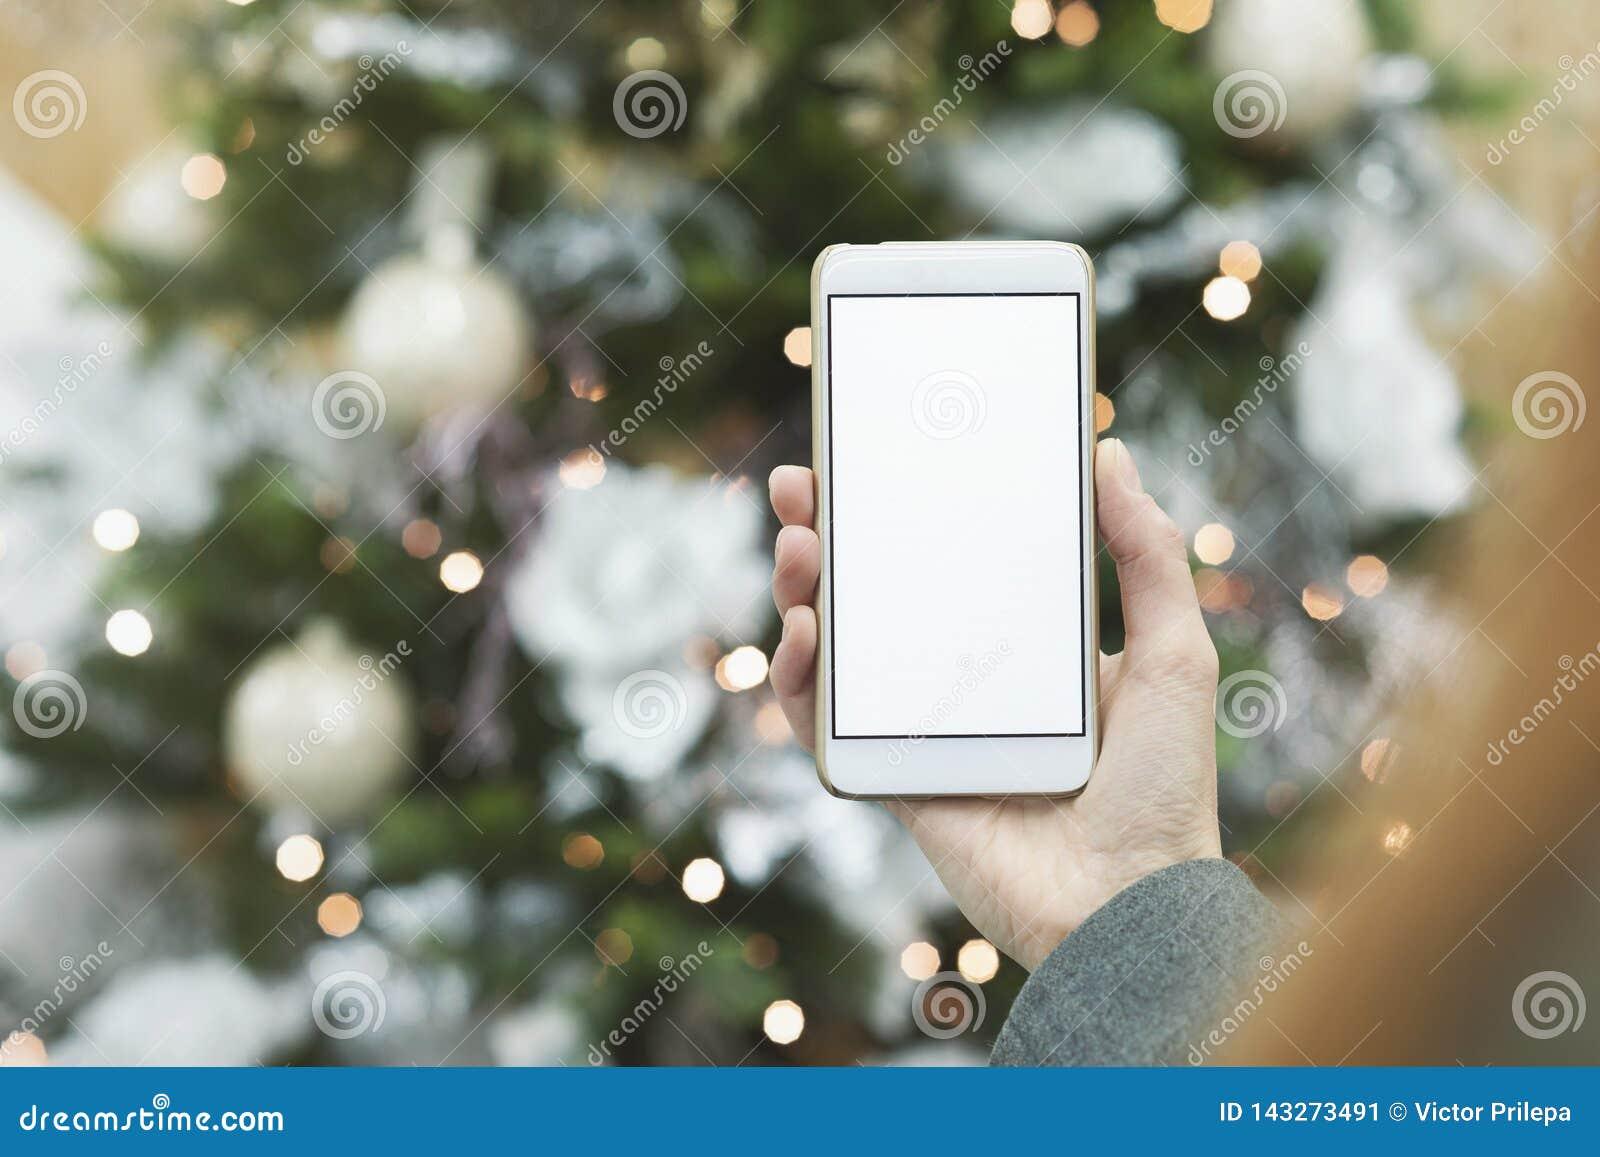 Χλεύη επάνω του smartphone στο χέρι του κοριτσιού στο υπόβαθρο του χριστουγεννιάτικου δέντρου με μια εορταστική διακόσμηση